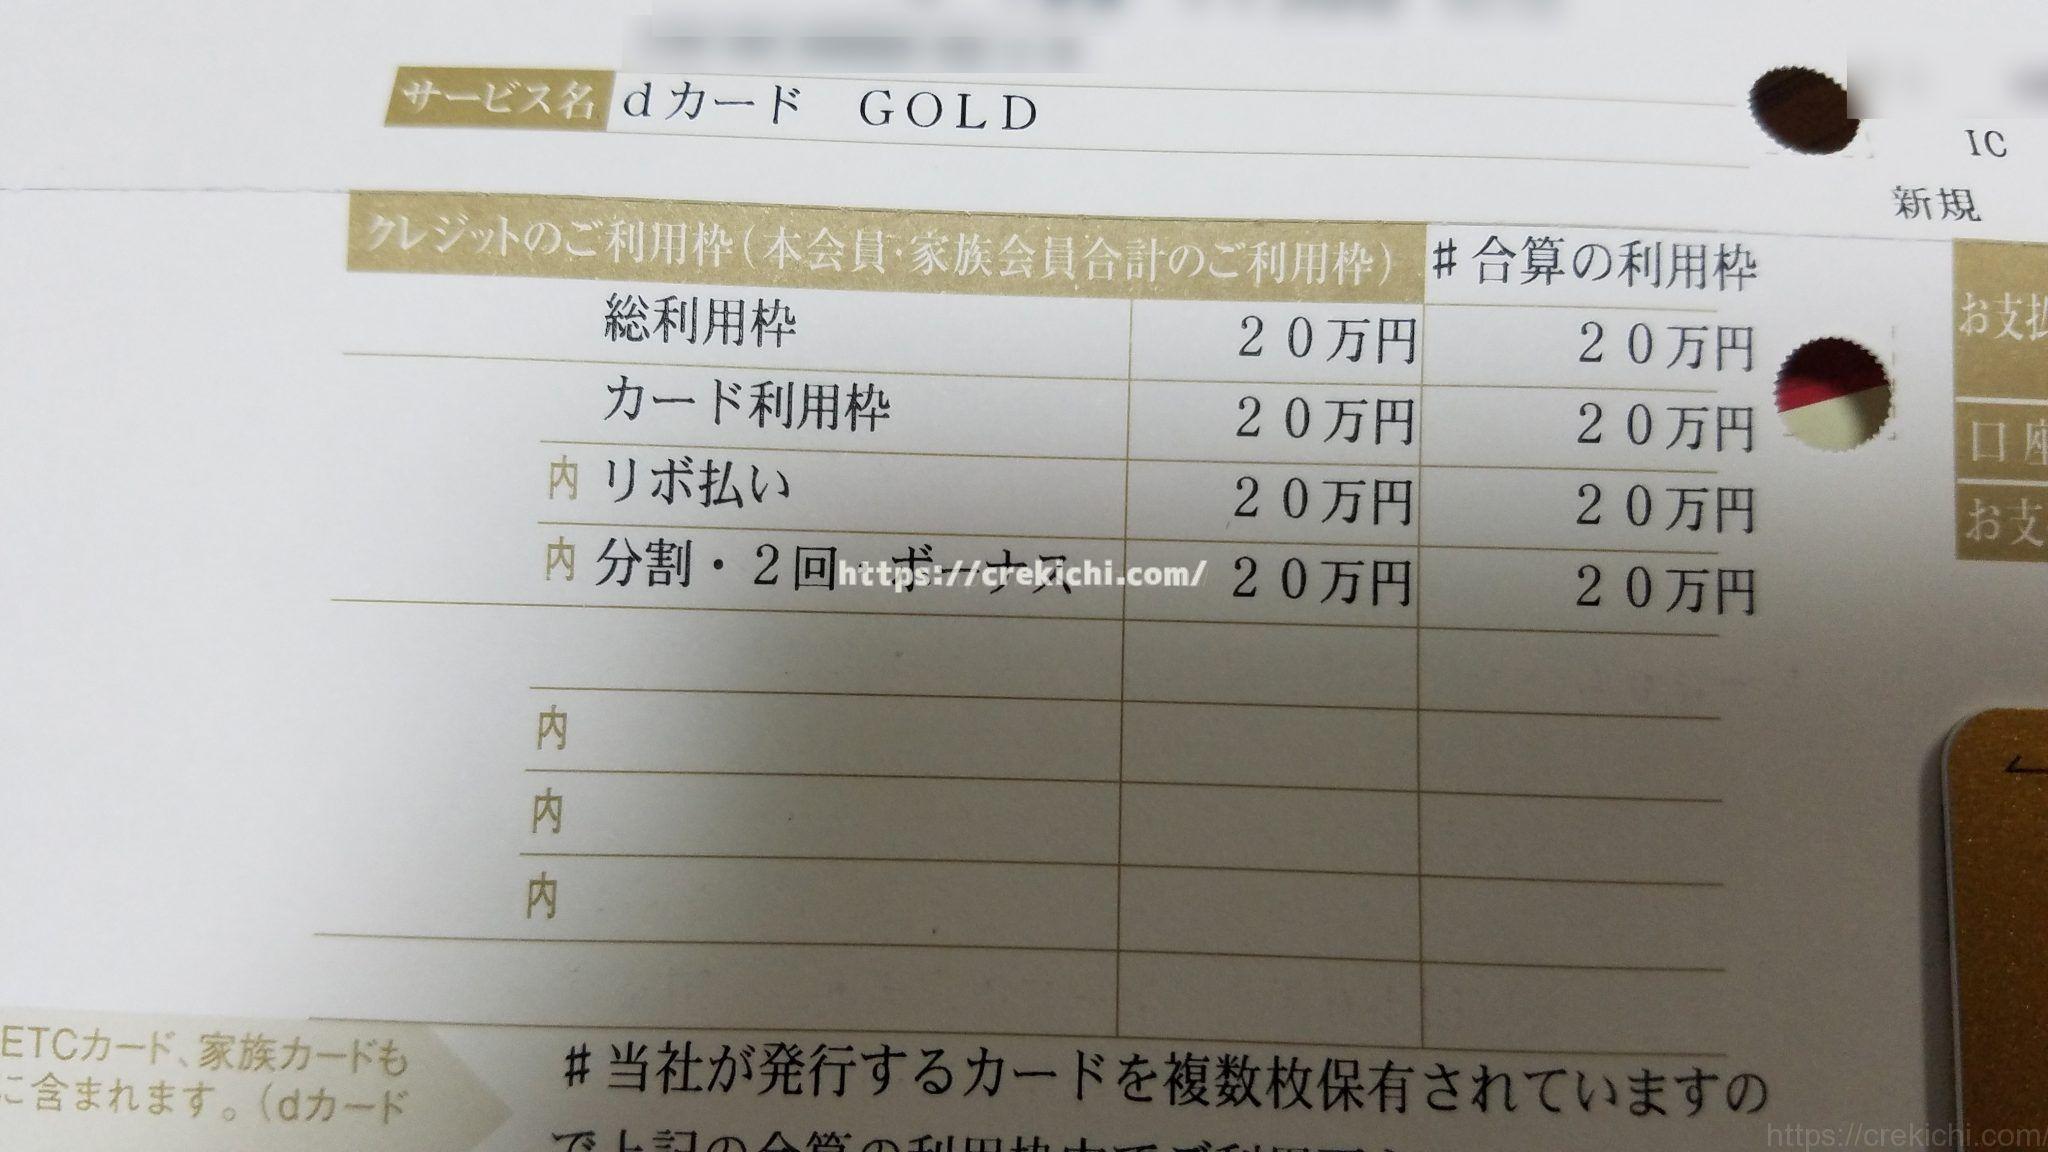 主婦の限度額は20万円